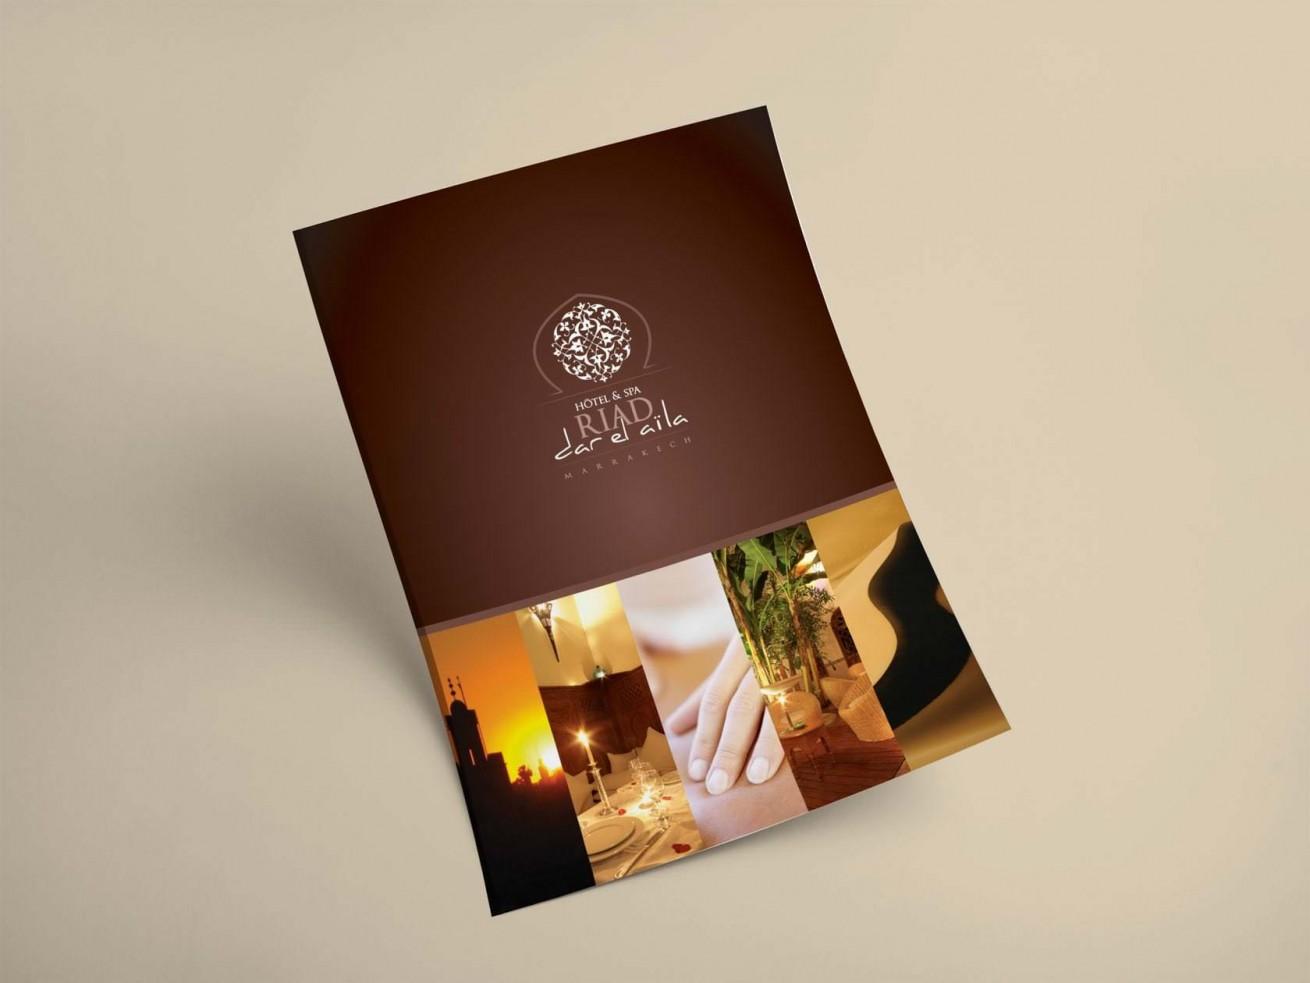 Riad Edward |Booklet by Artlinkz